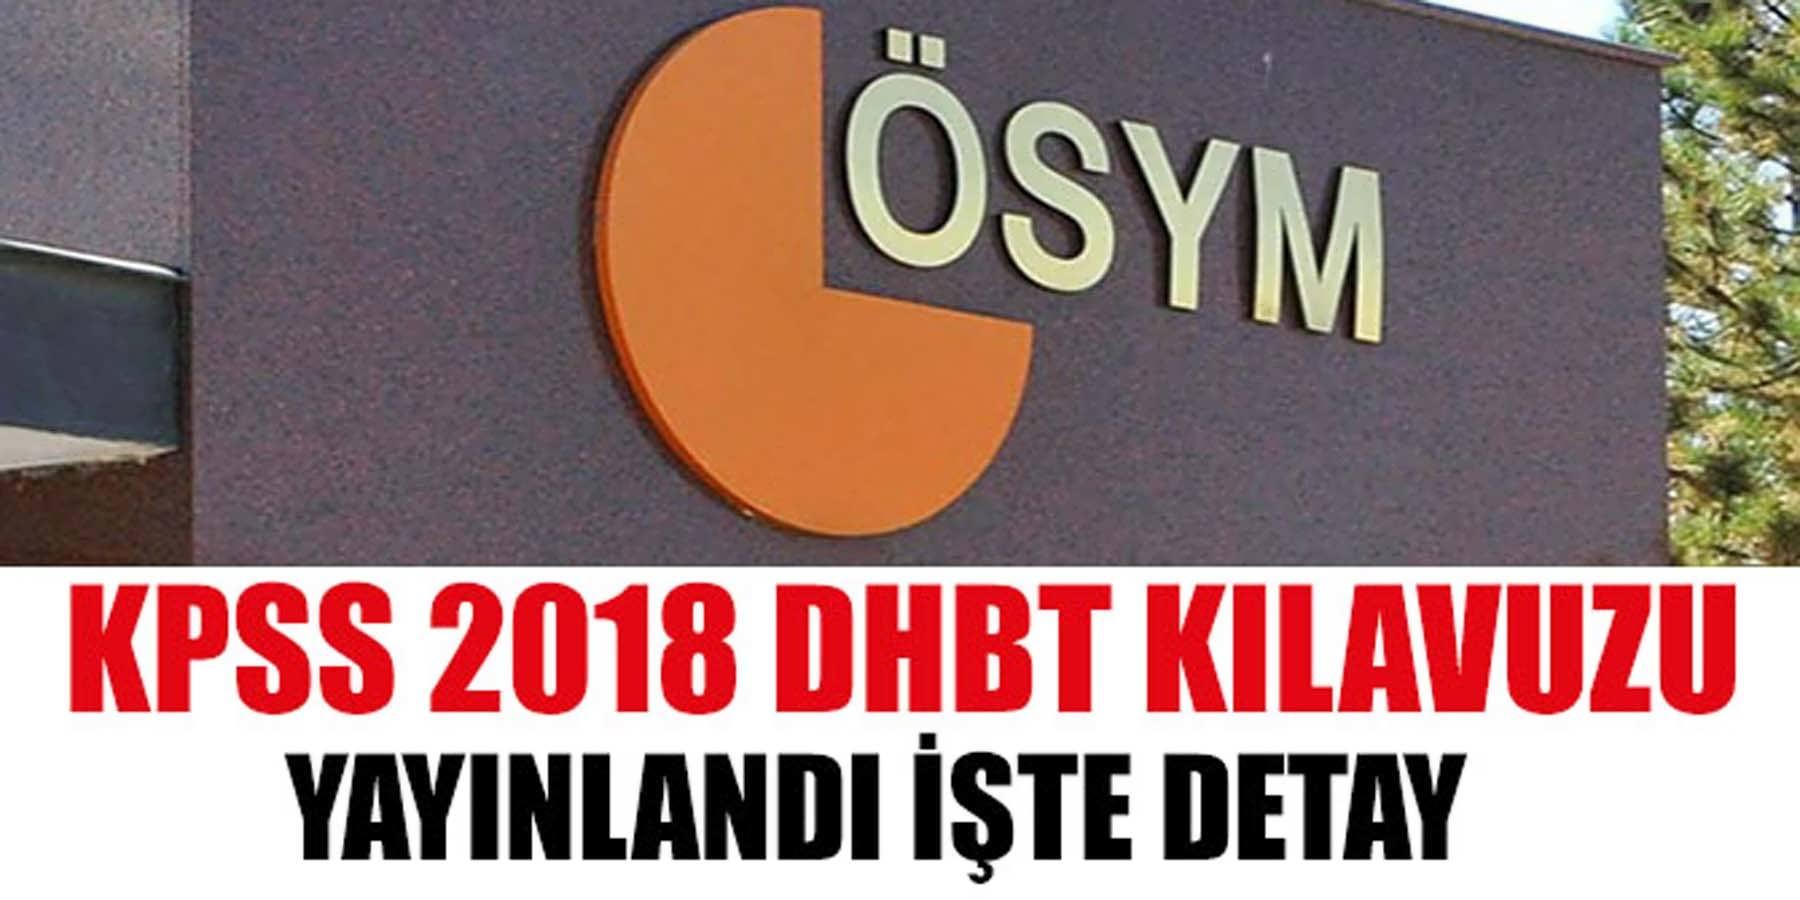 ÖSYM KPSS 2018 DHBT Kılavuzunu Yayınladı